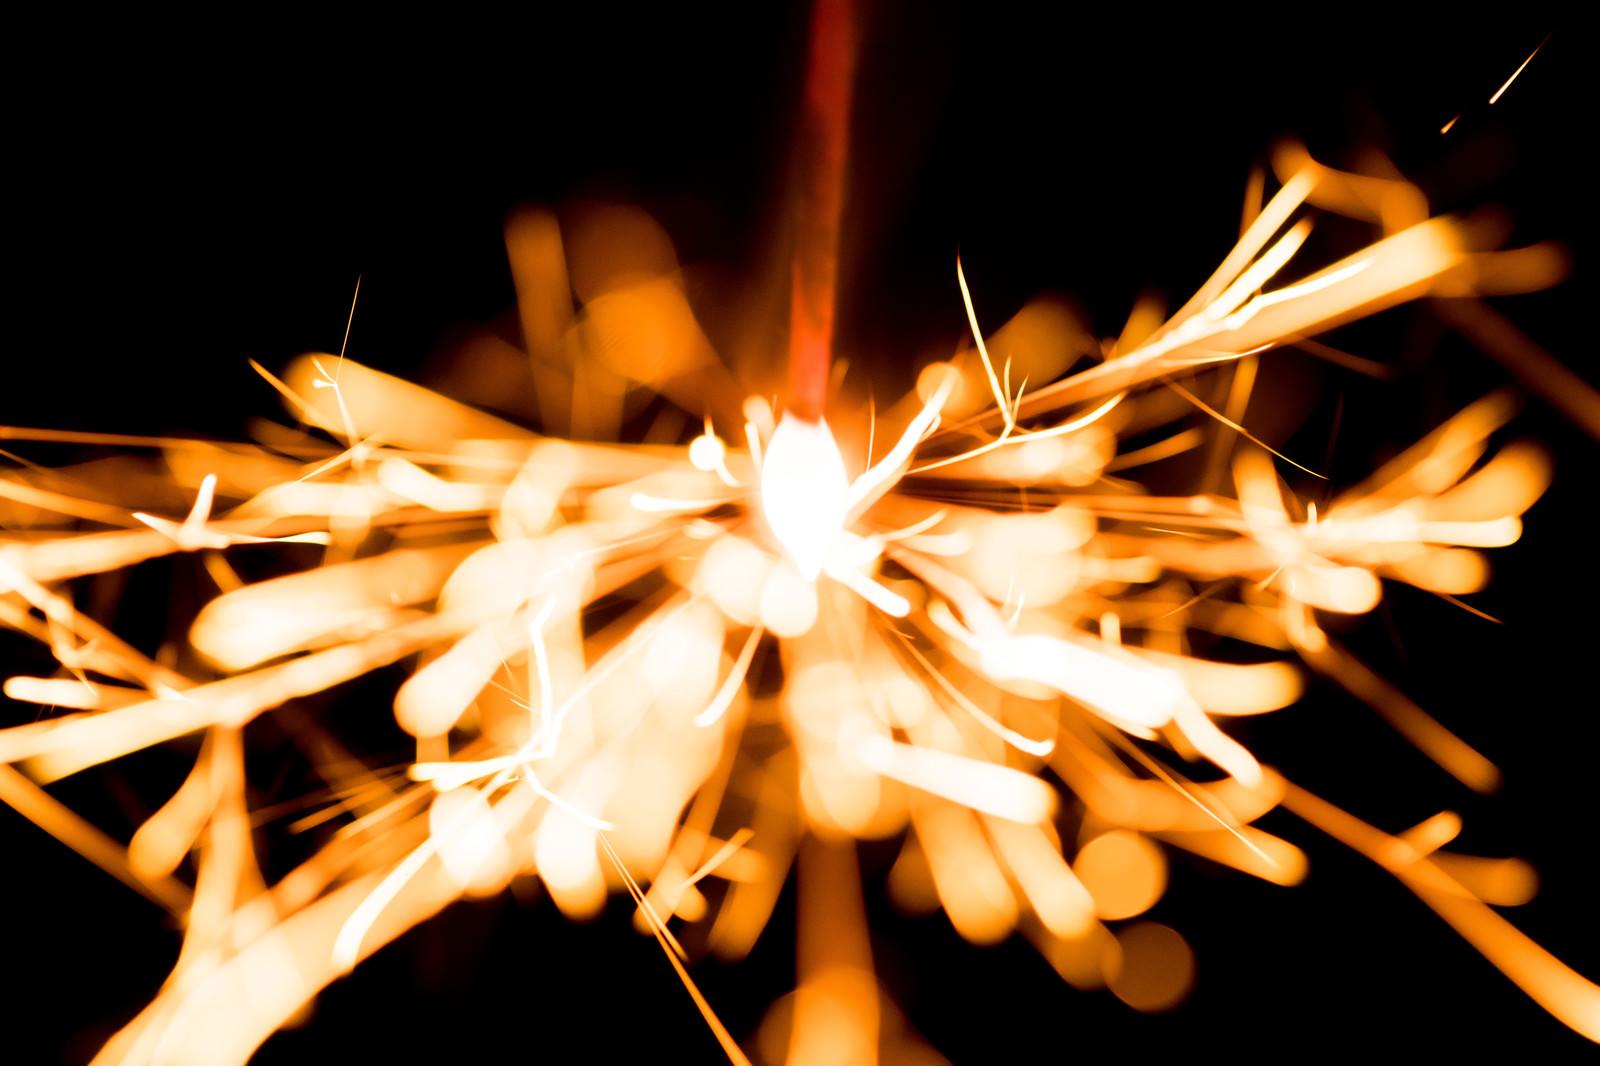 「飛び散る光跡飛び散る光跡」のフリー写真素材を拡大